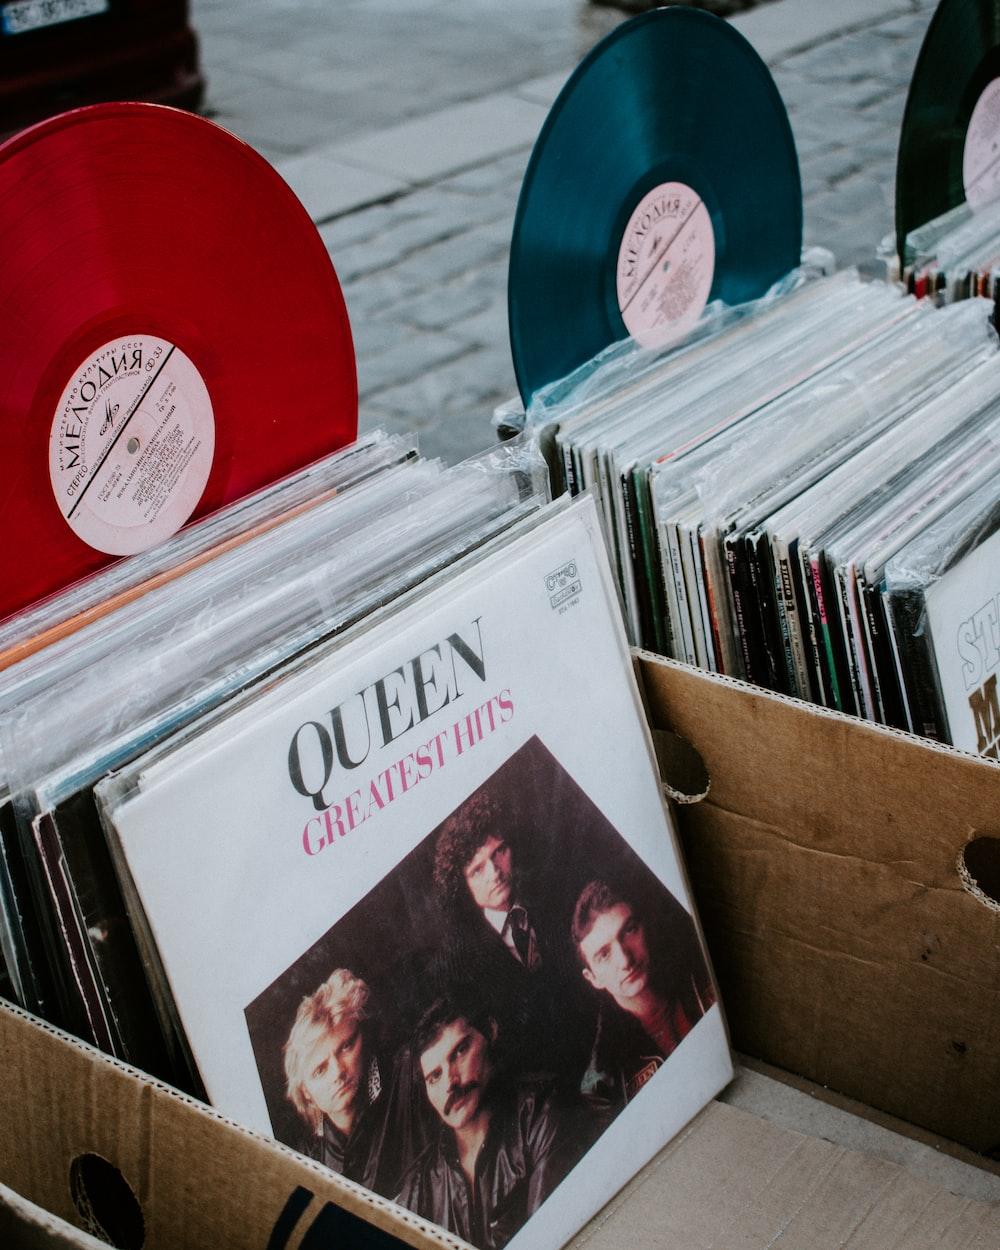 Queen Greatest Hits vinyl sleeve